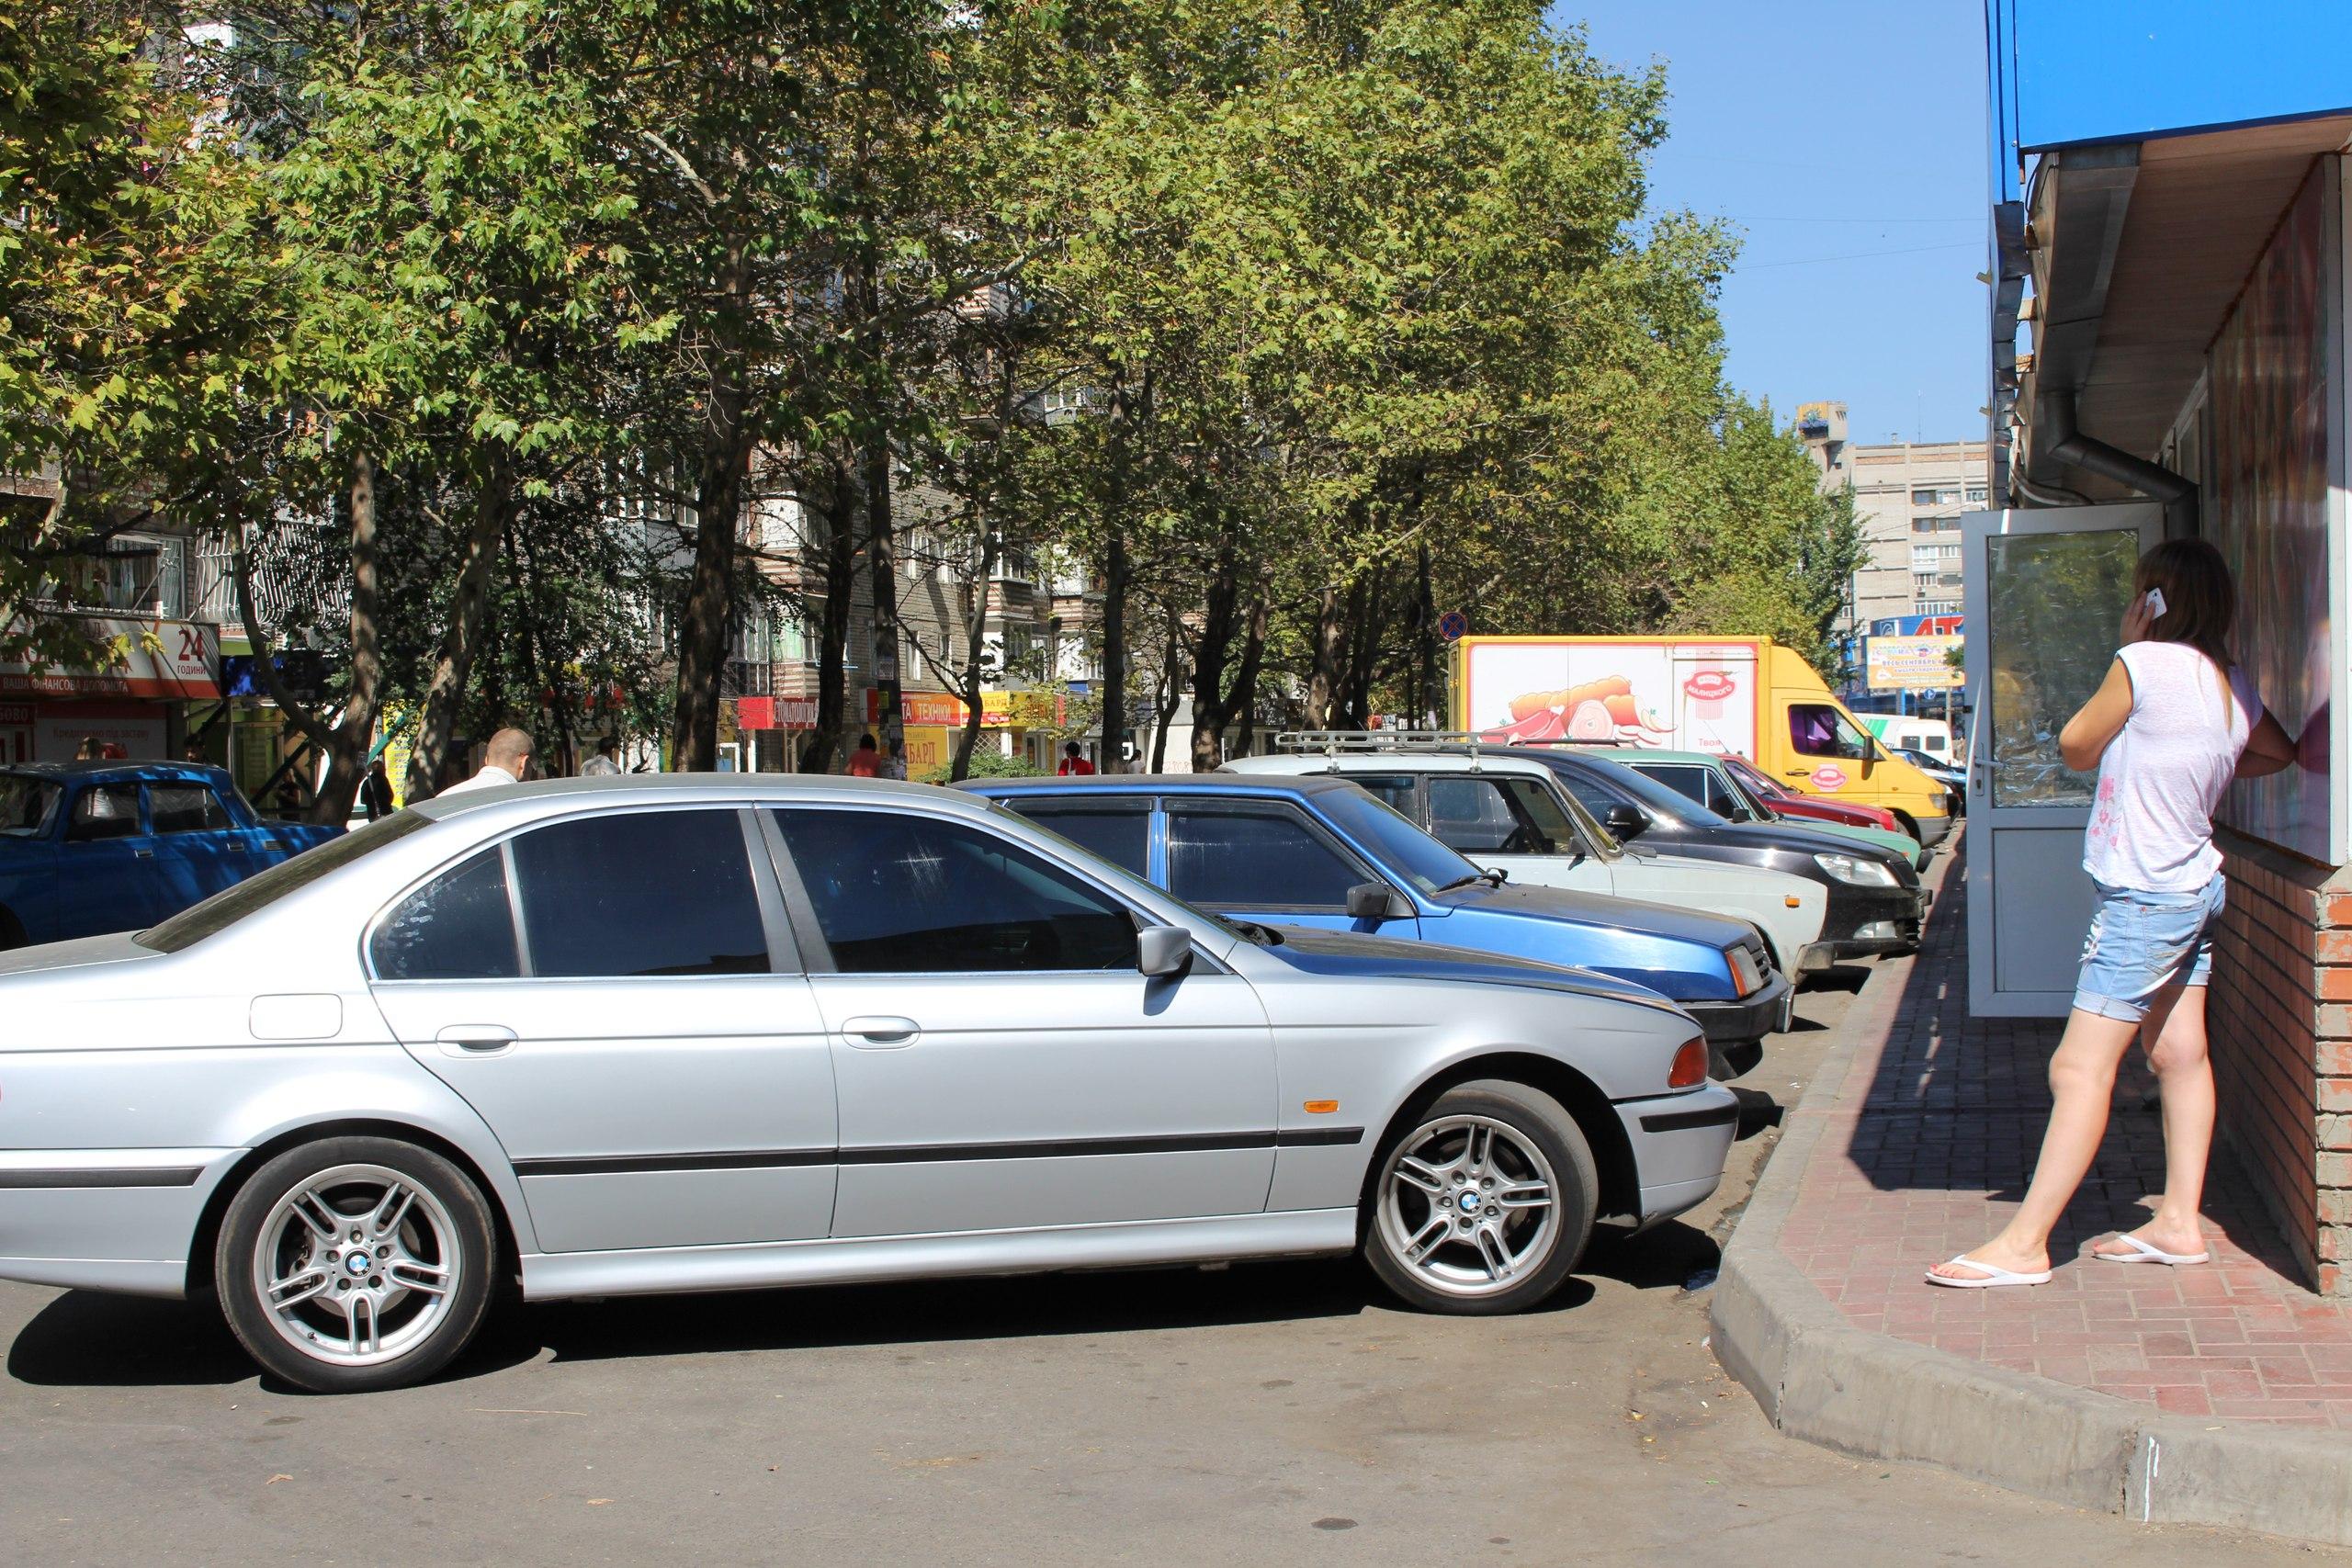 Миколаївці скаржаться на ринок на 3-й Слобідський, який відхопив частину тротуару